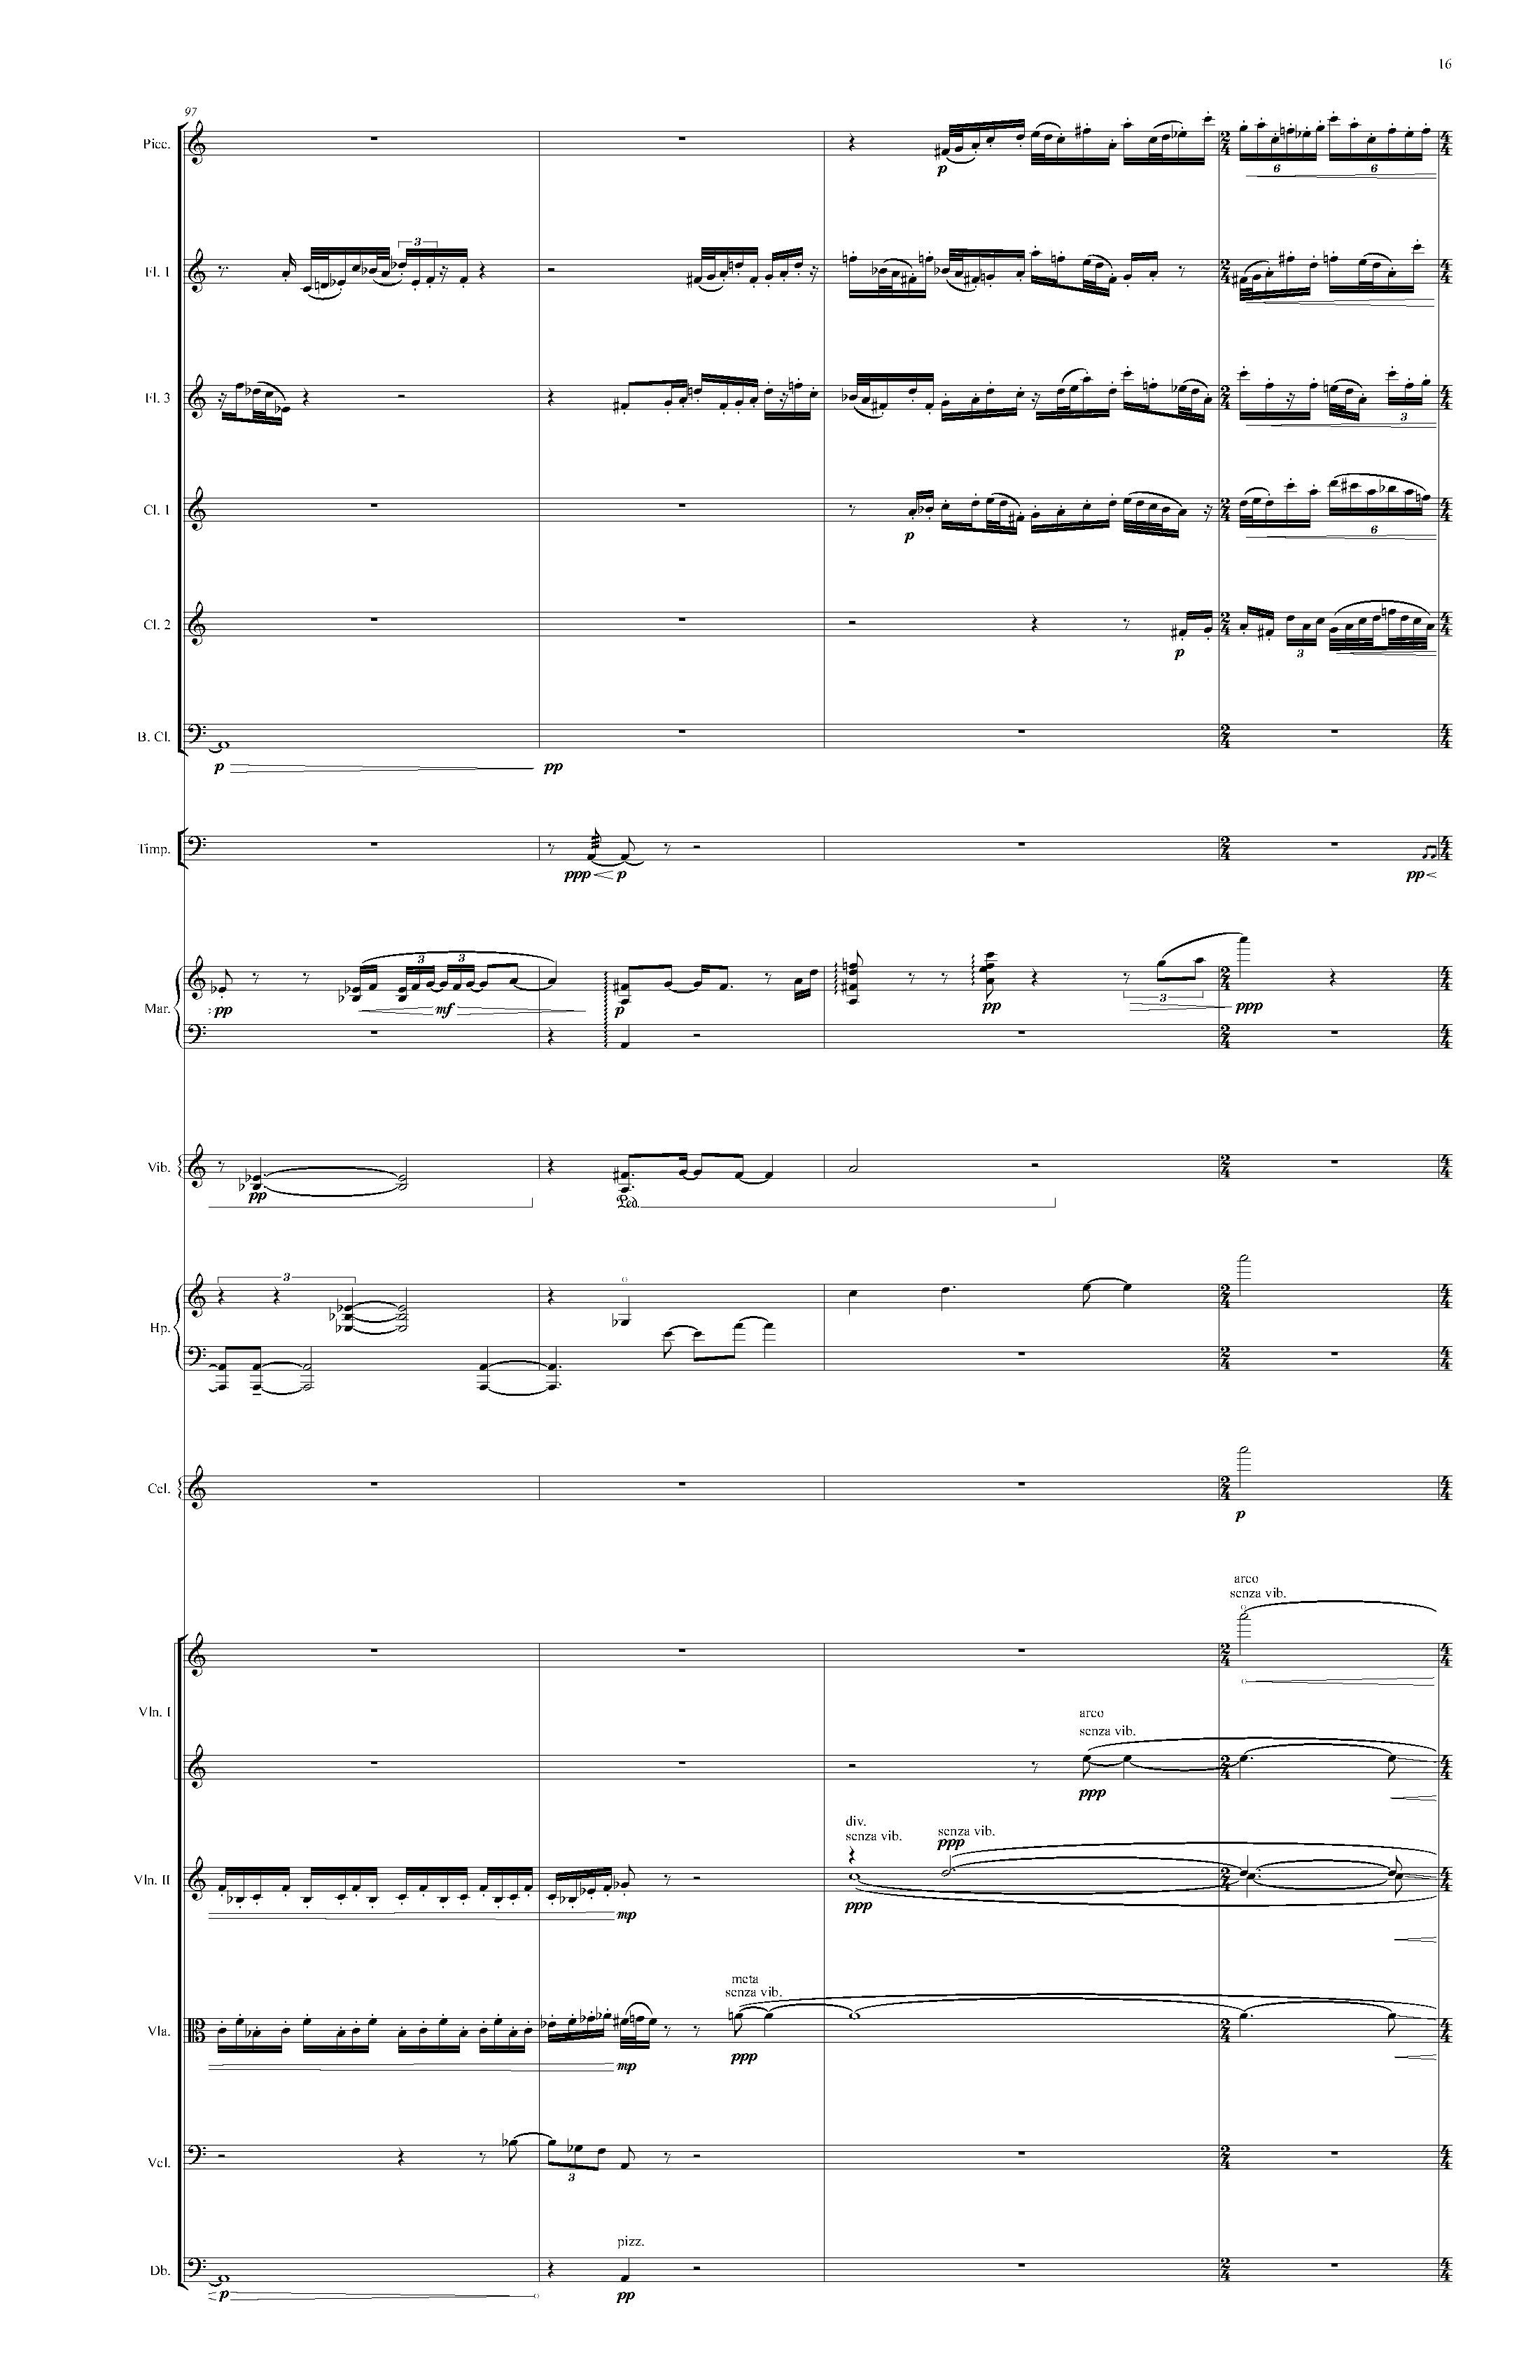 Kolmanskop 4-4-17 score - Full Score_Seite_19.jpg